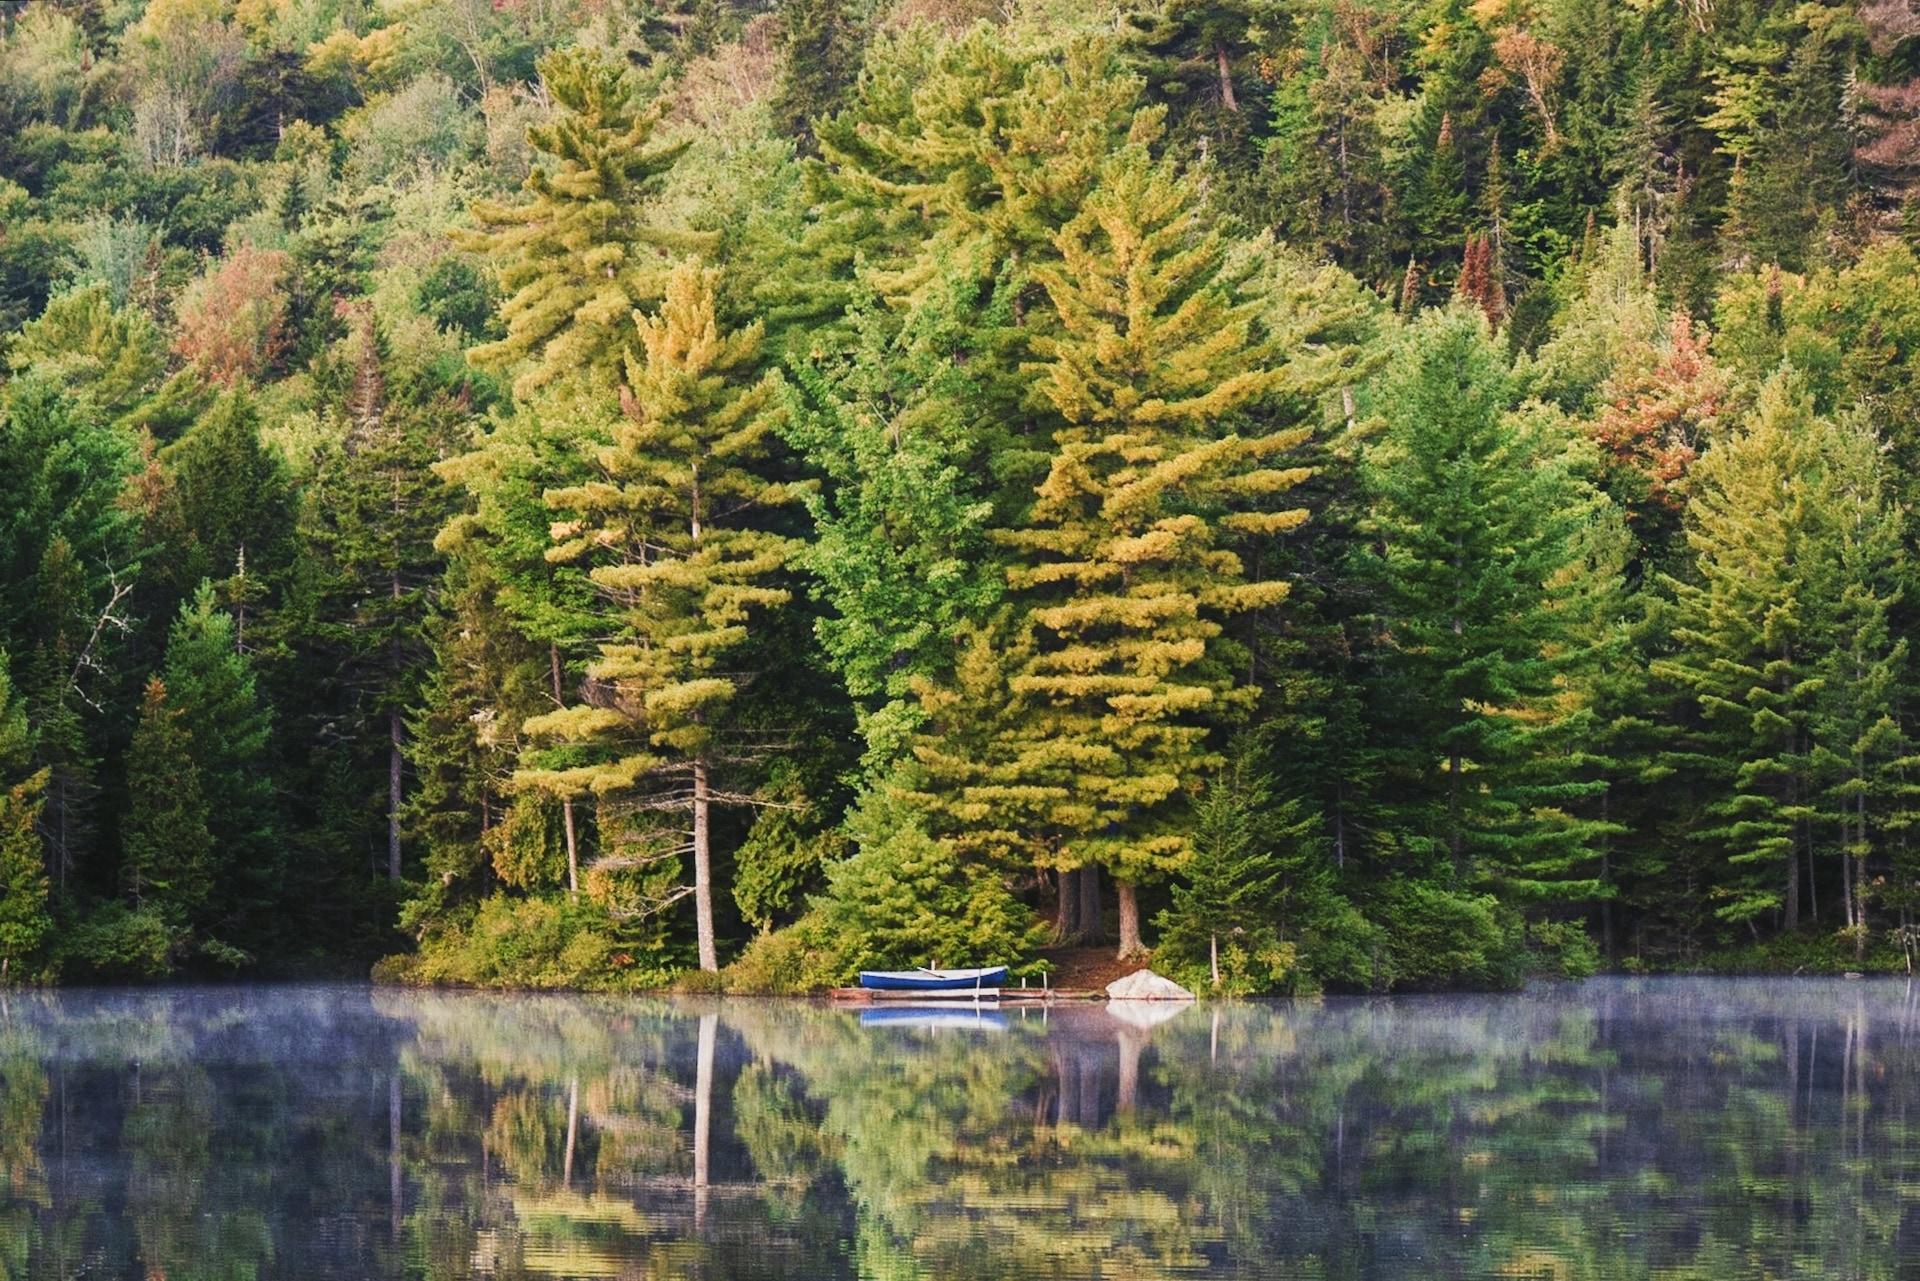 lac castor Quebec